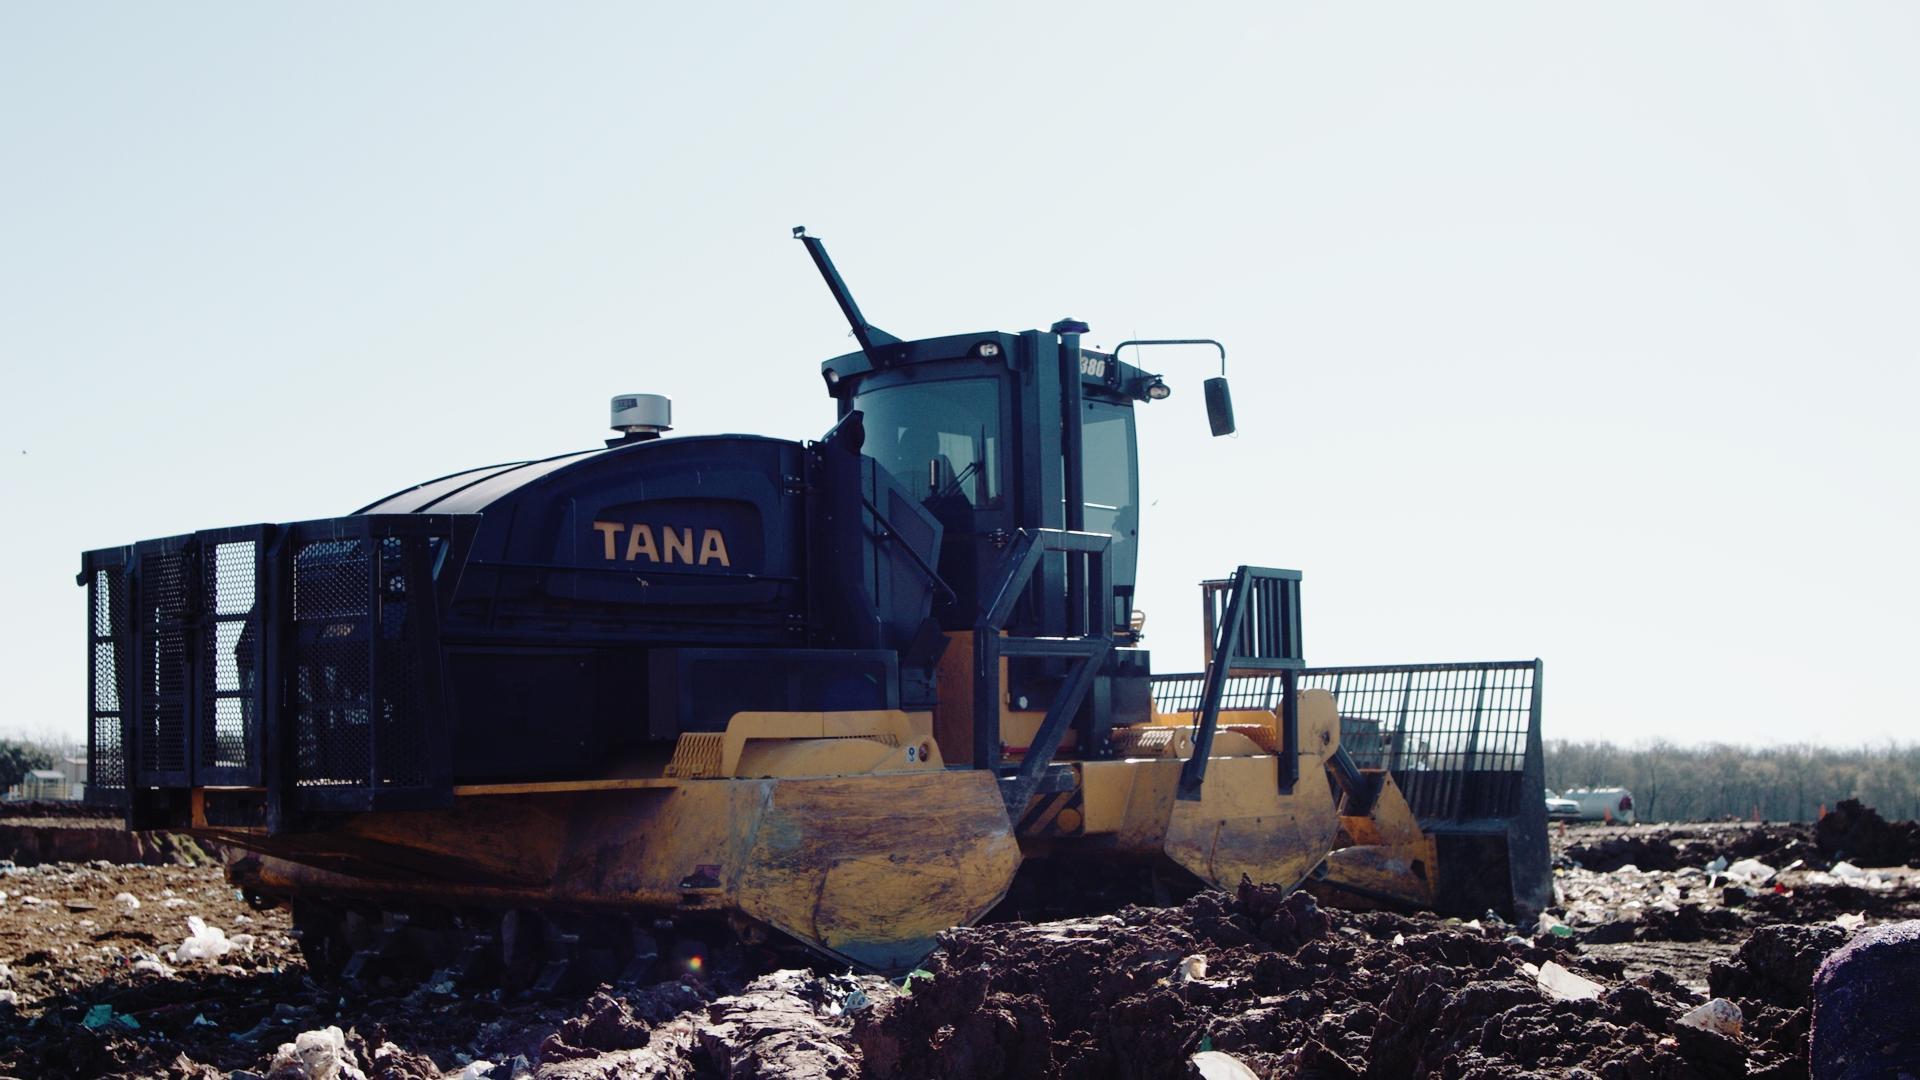 TANA E380 landfill compactor